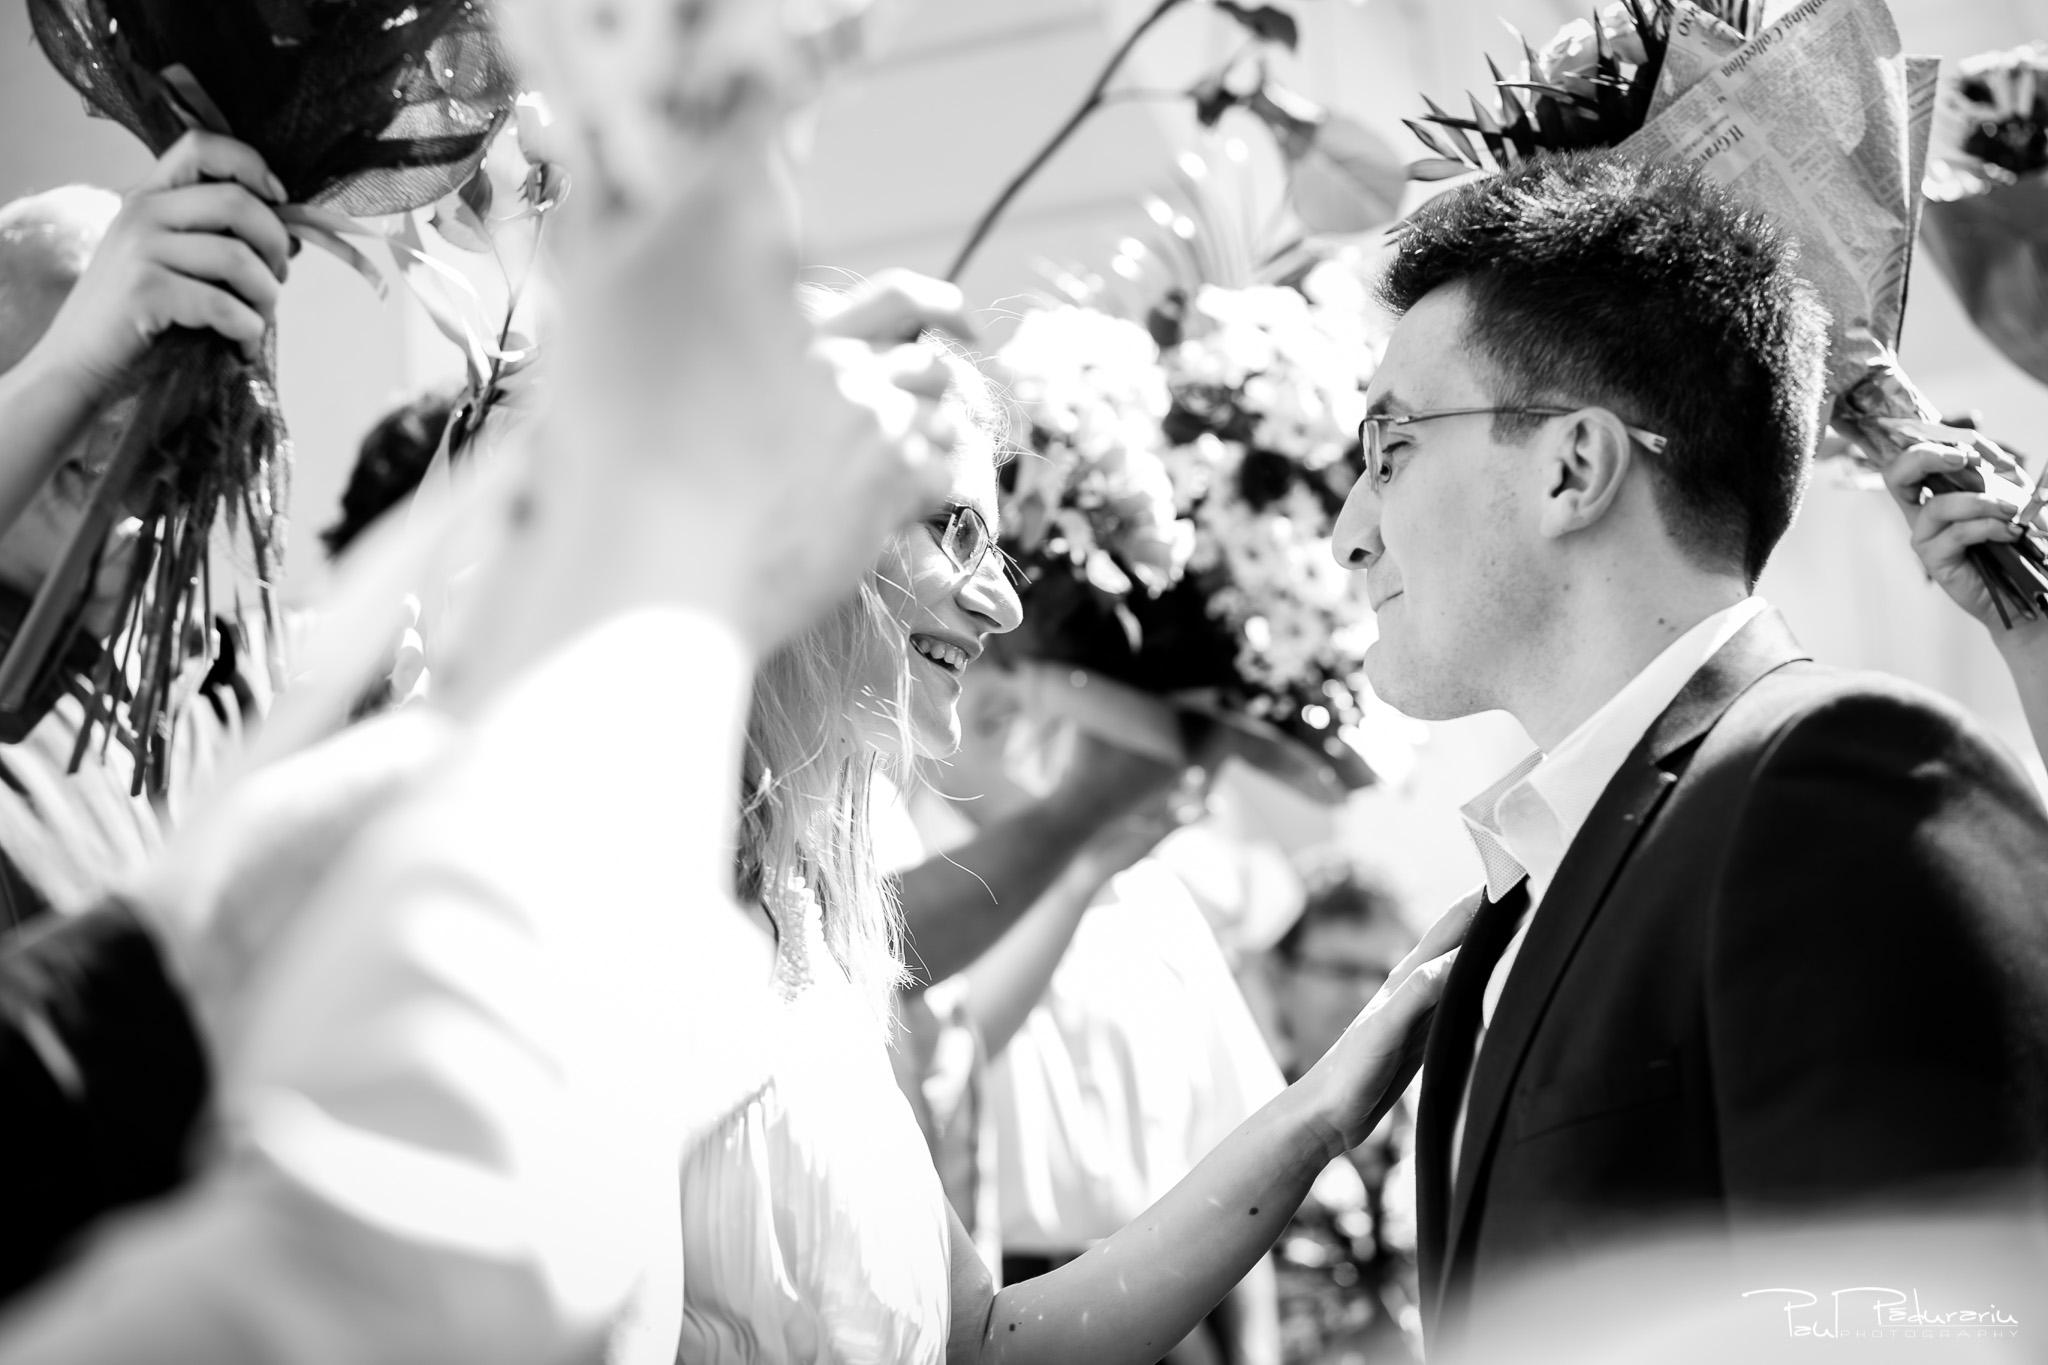 Anca si Razvan - Nunta Restaurant American Iasi cununie civila miri pod de flori - paulpadurariu.ro - Paul Padurariu fotograf profesionist nunta iasi 2018